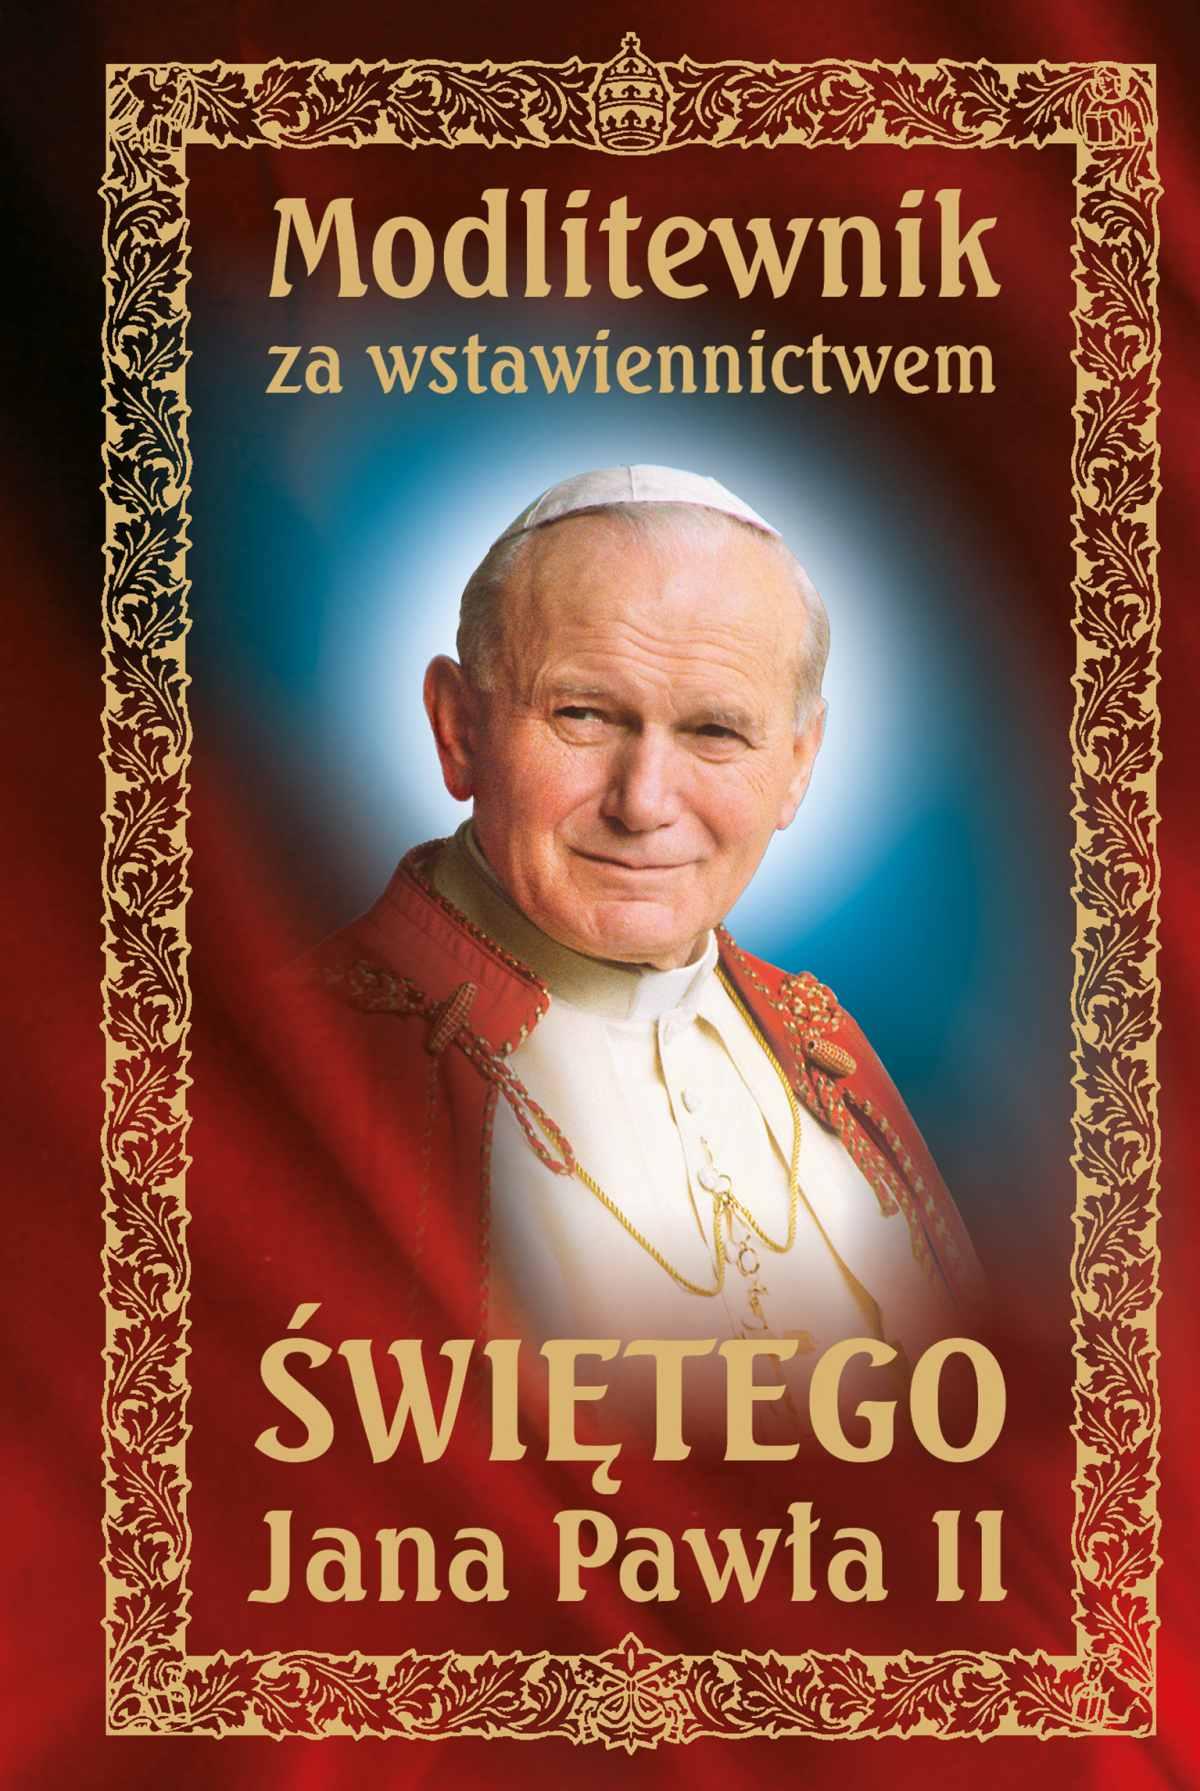 Modlitewnik za wstawiennictwem Świętego Jana Pawła II - Ebook (Książka na Kindle) do pobrania w formacie MOBI